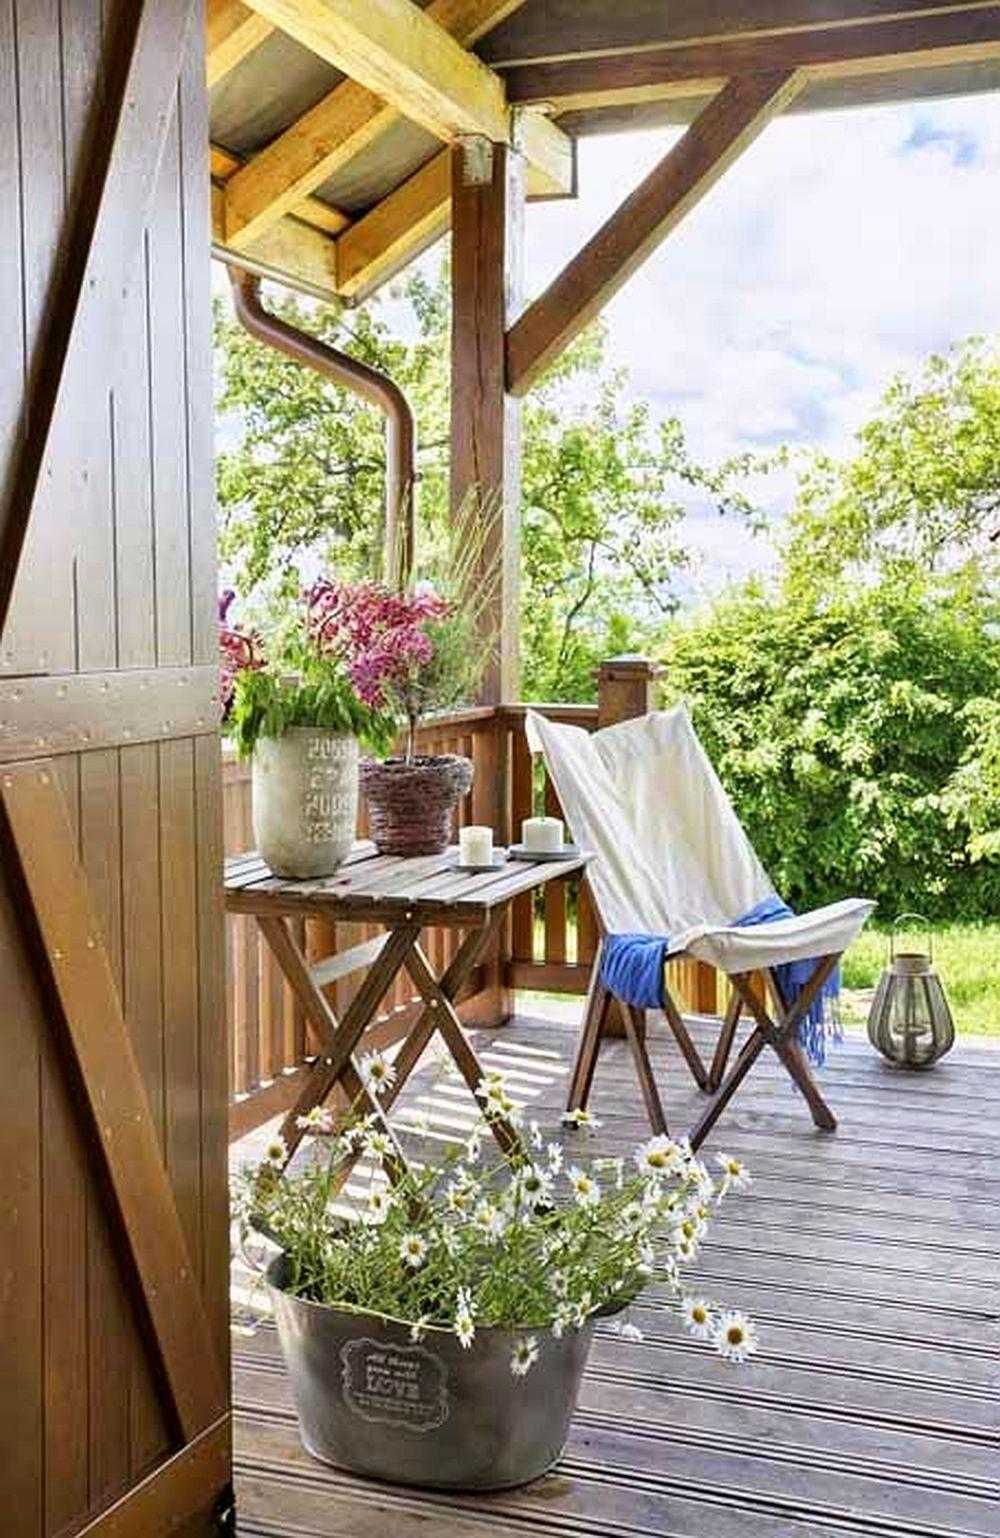 adelaparvu.com despre casa cu exterior rustic, interior modern, amenajare scandinava, casa Polonia, Foto Aneta Tryczynska (1)